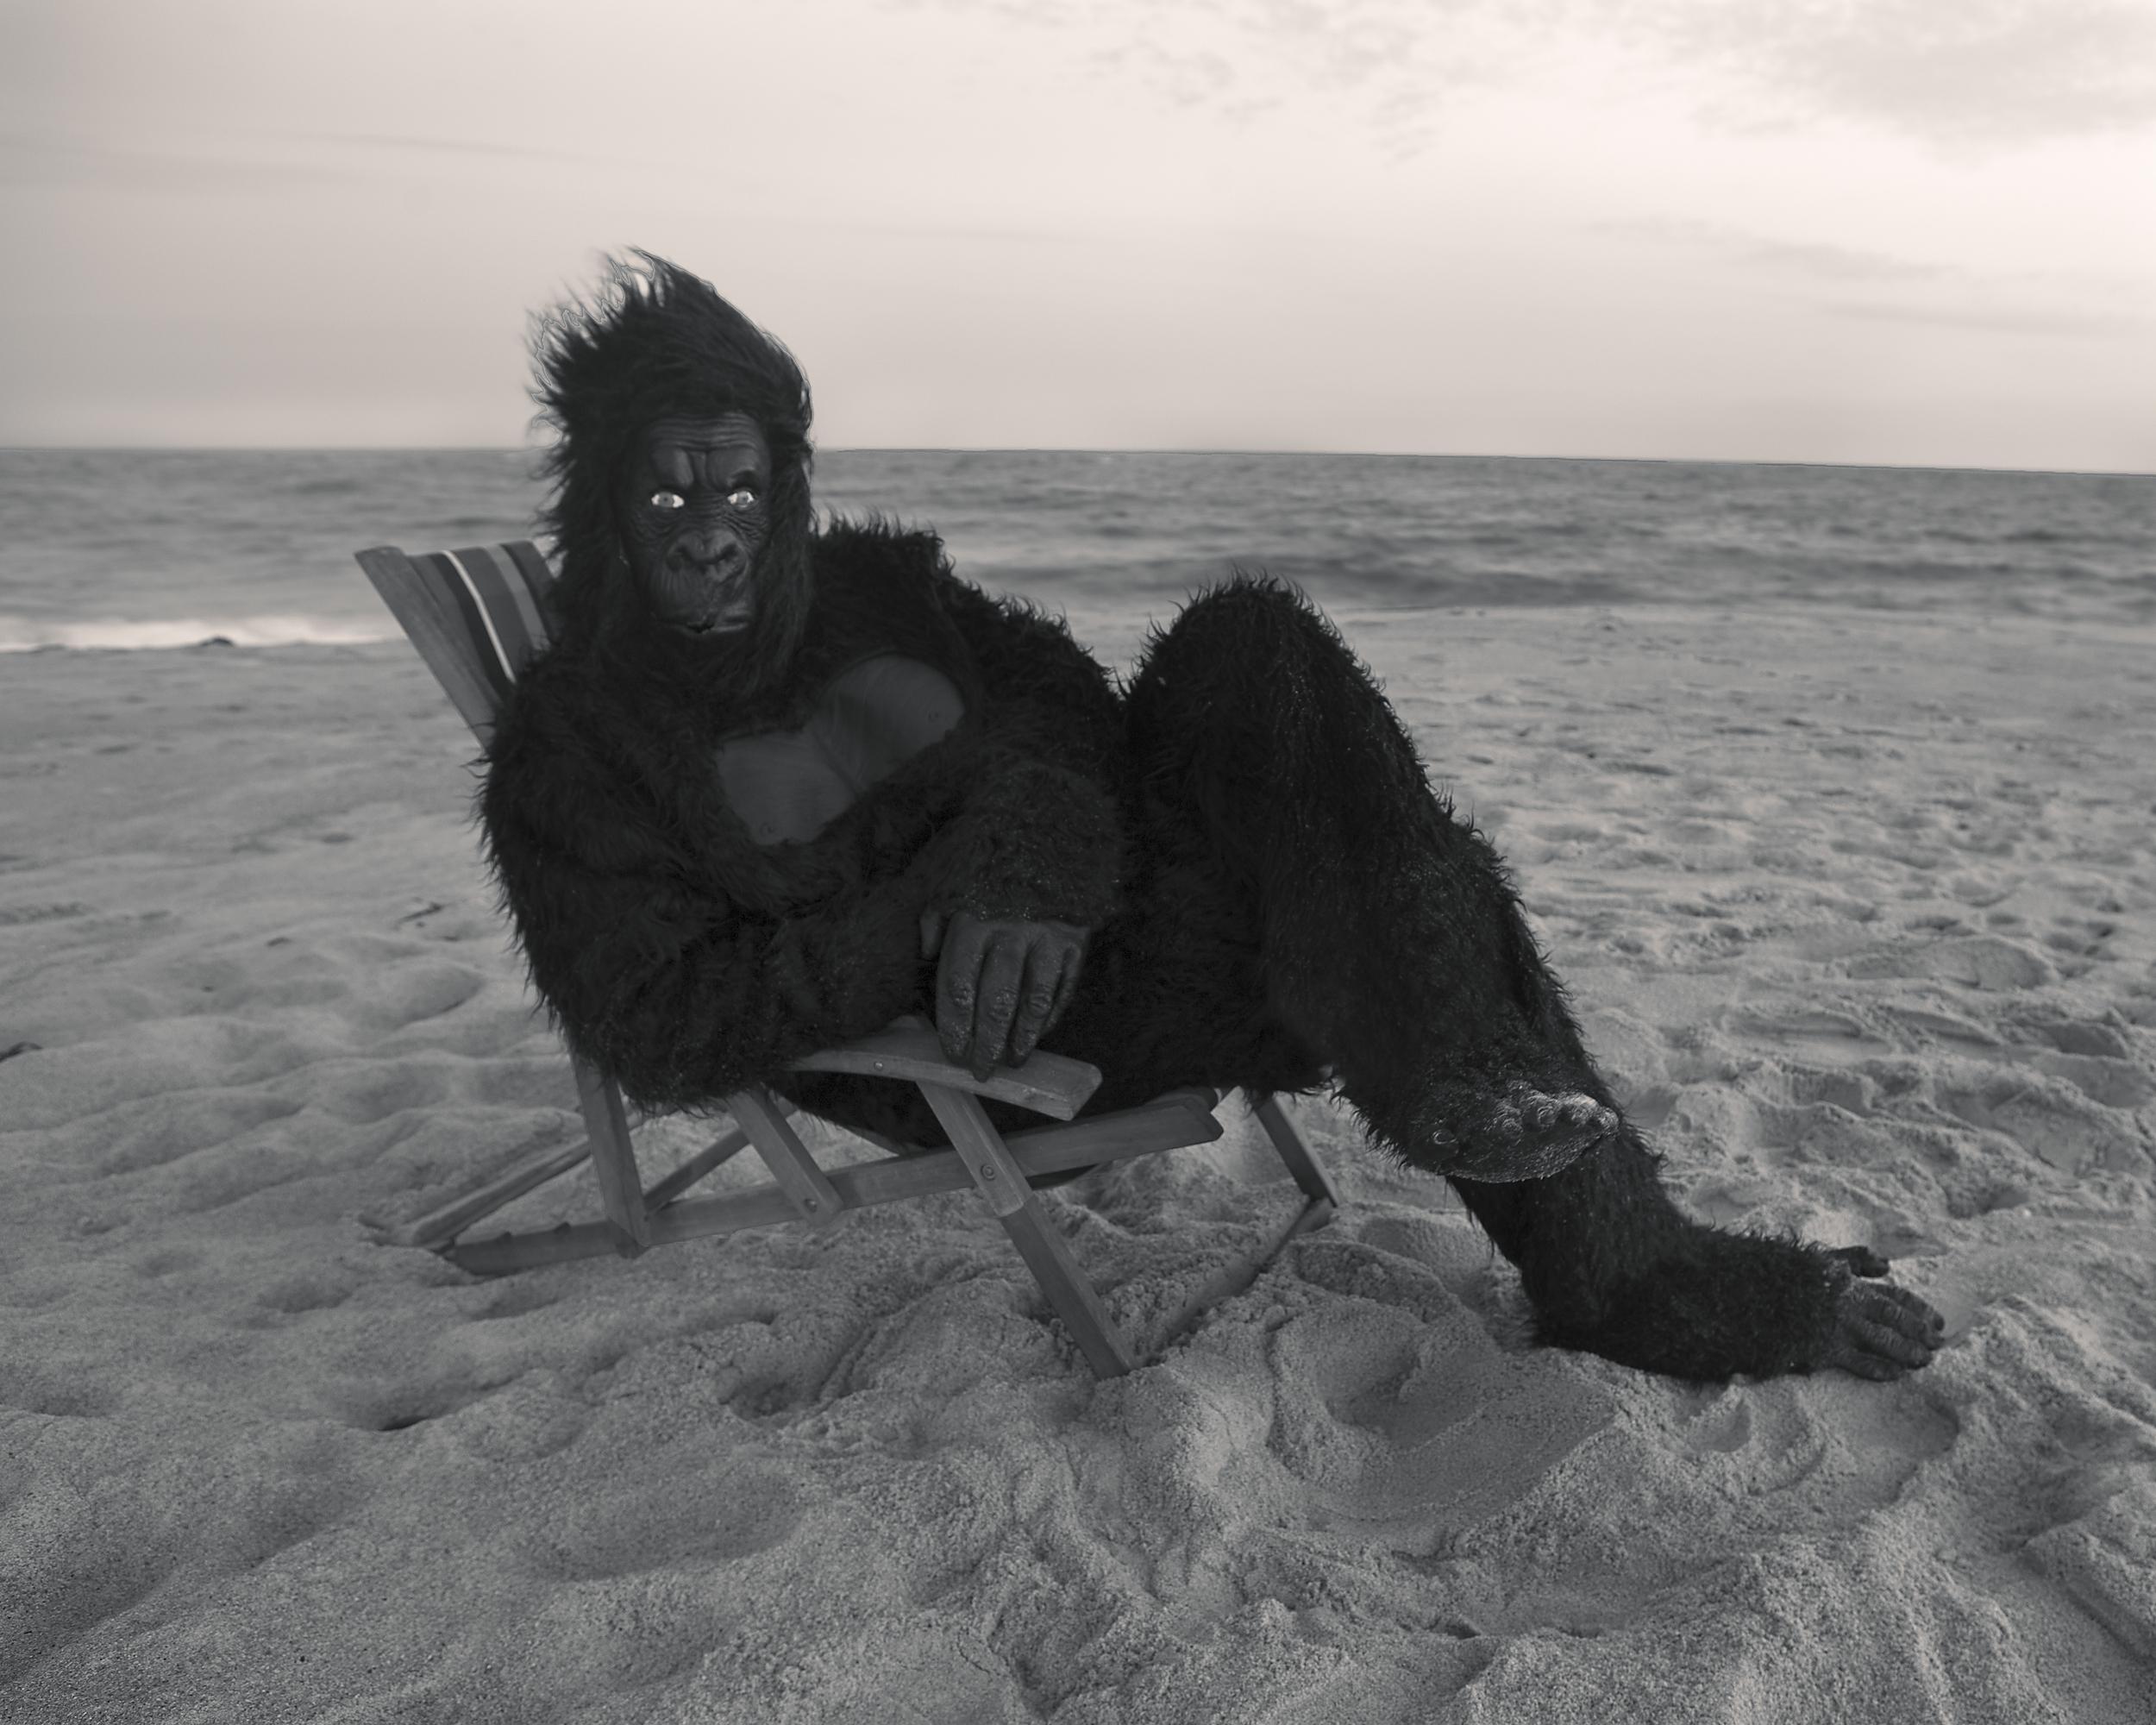 Gorilla On the Beach